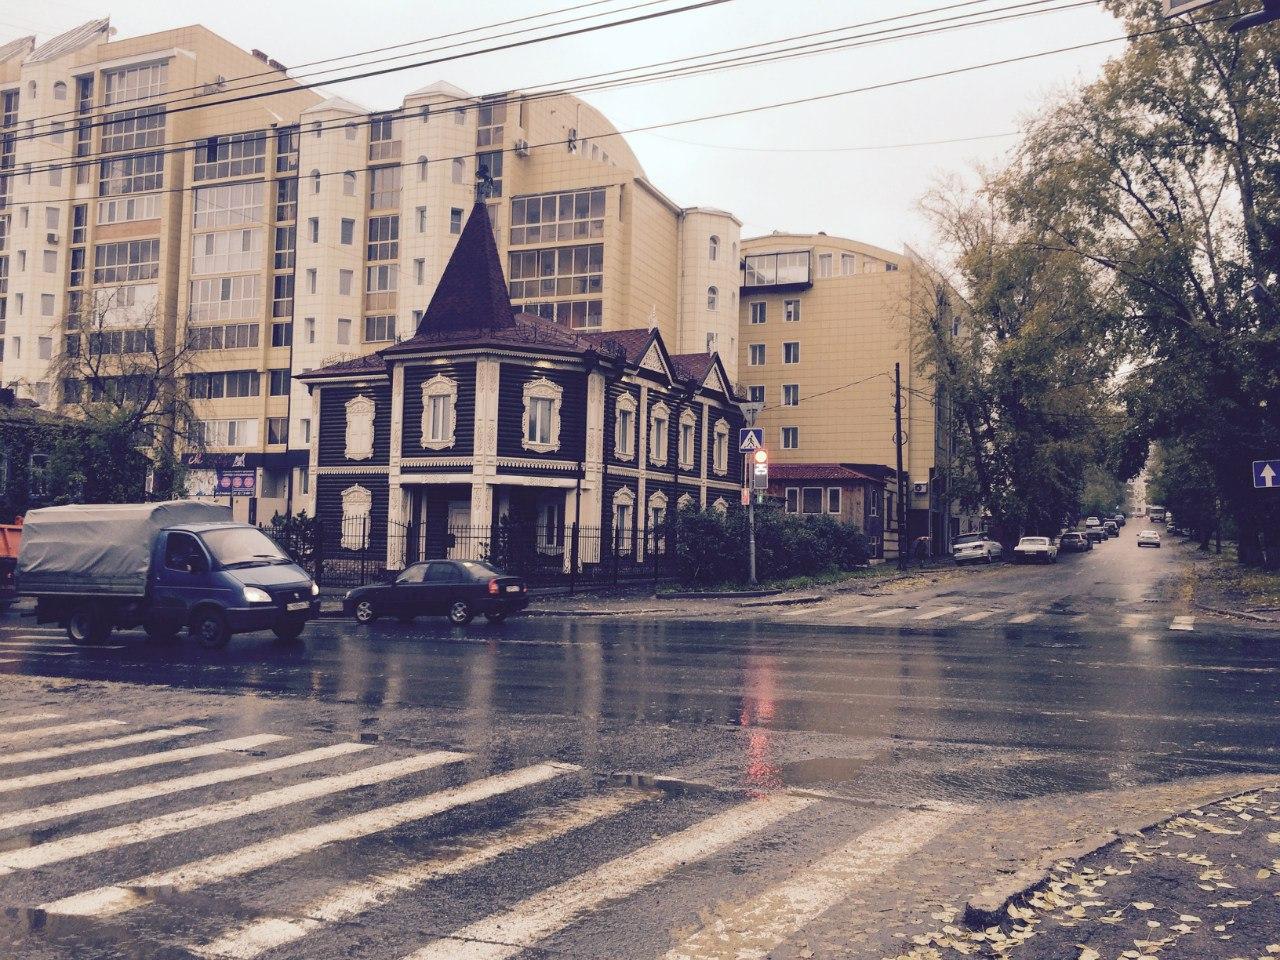 Ситуация со сносом деревянного здания по улице Красноармейской 12а, начинает напоминать гротескный абсурд